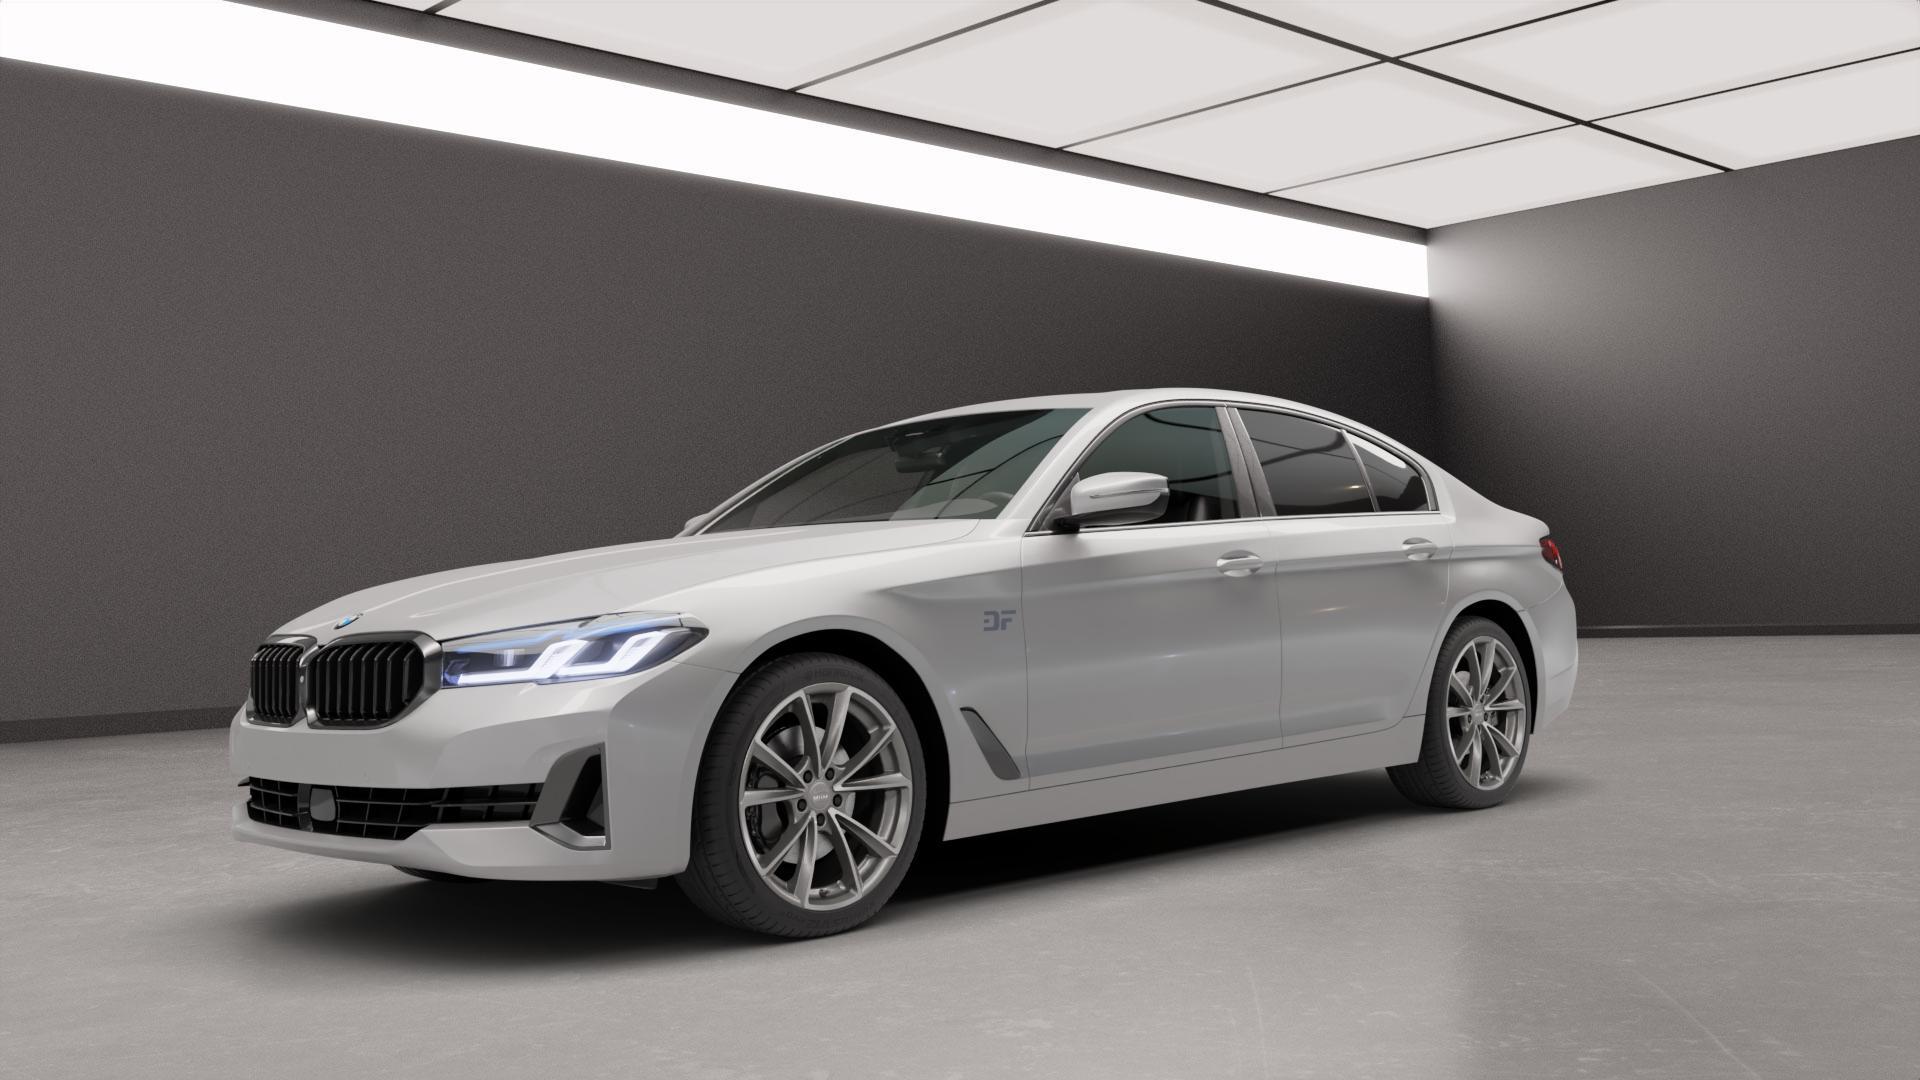 MAM A5 PALLADIUM FRONT POLISH Felge mit Reifen grau silber mehrfarbig in 19Zoll Alufelge auf silbernem BMW 5er G30 Limousine (G5L) Facelift ⬇️ mit 15mm Tieferlegung ⬇️ Neutral_mid_max5300mm Frontansicht_1